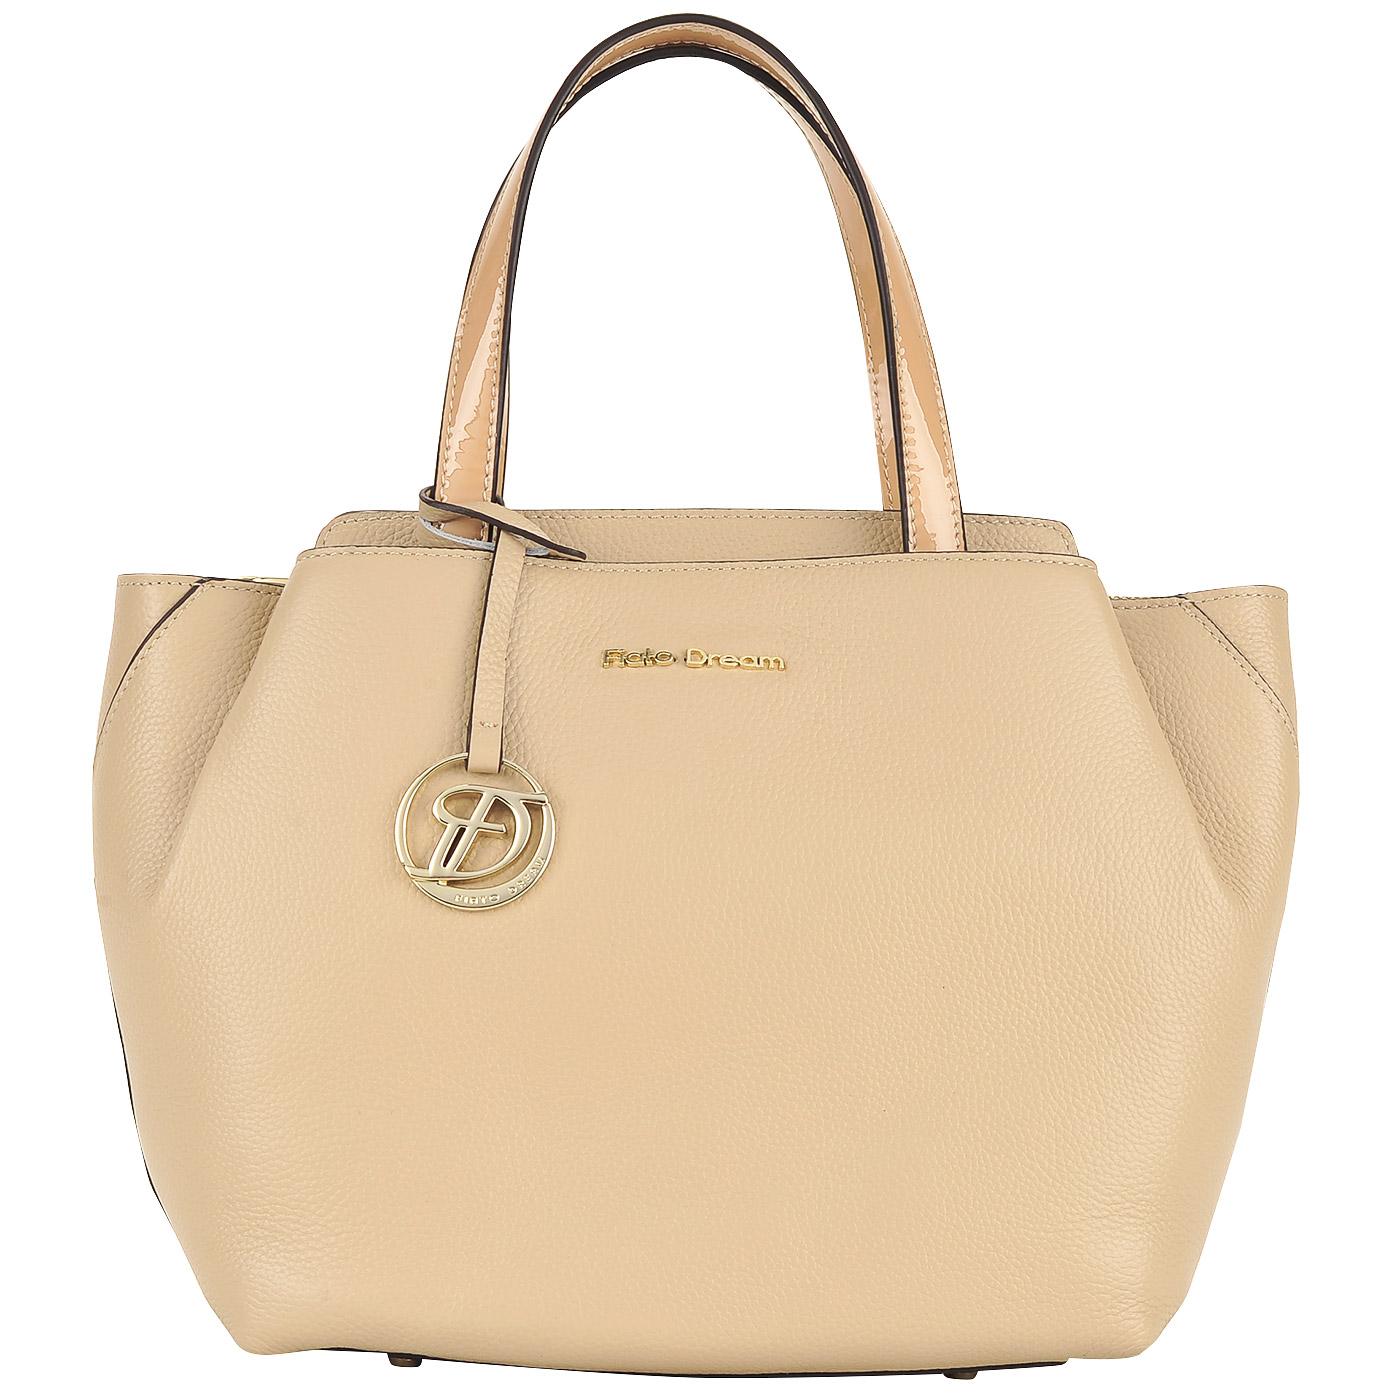 Женская кожаная сумка бежевого цвета Fiato Dream